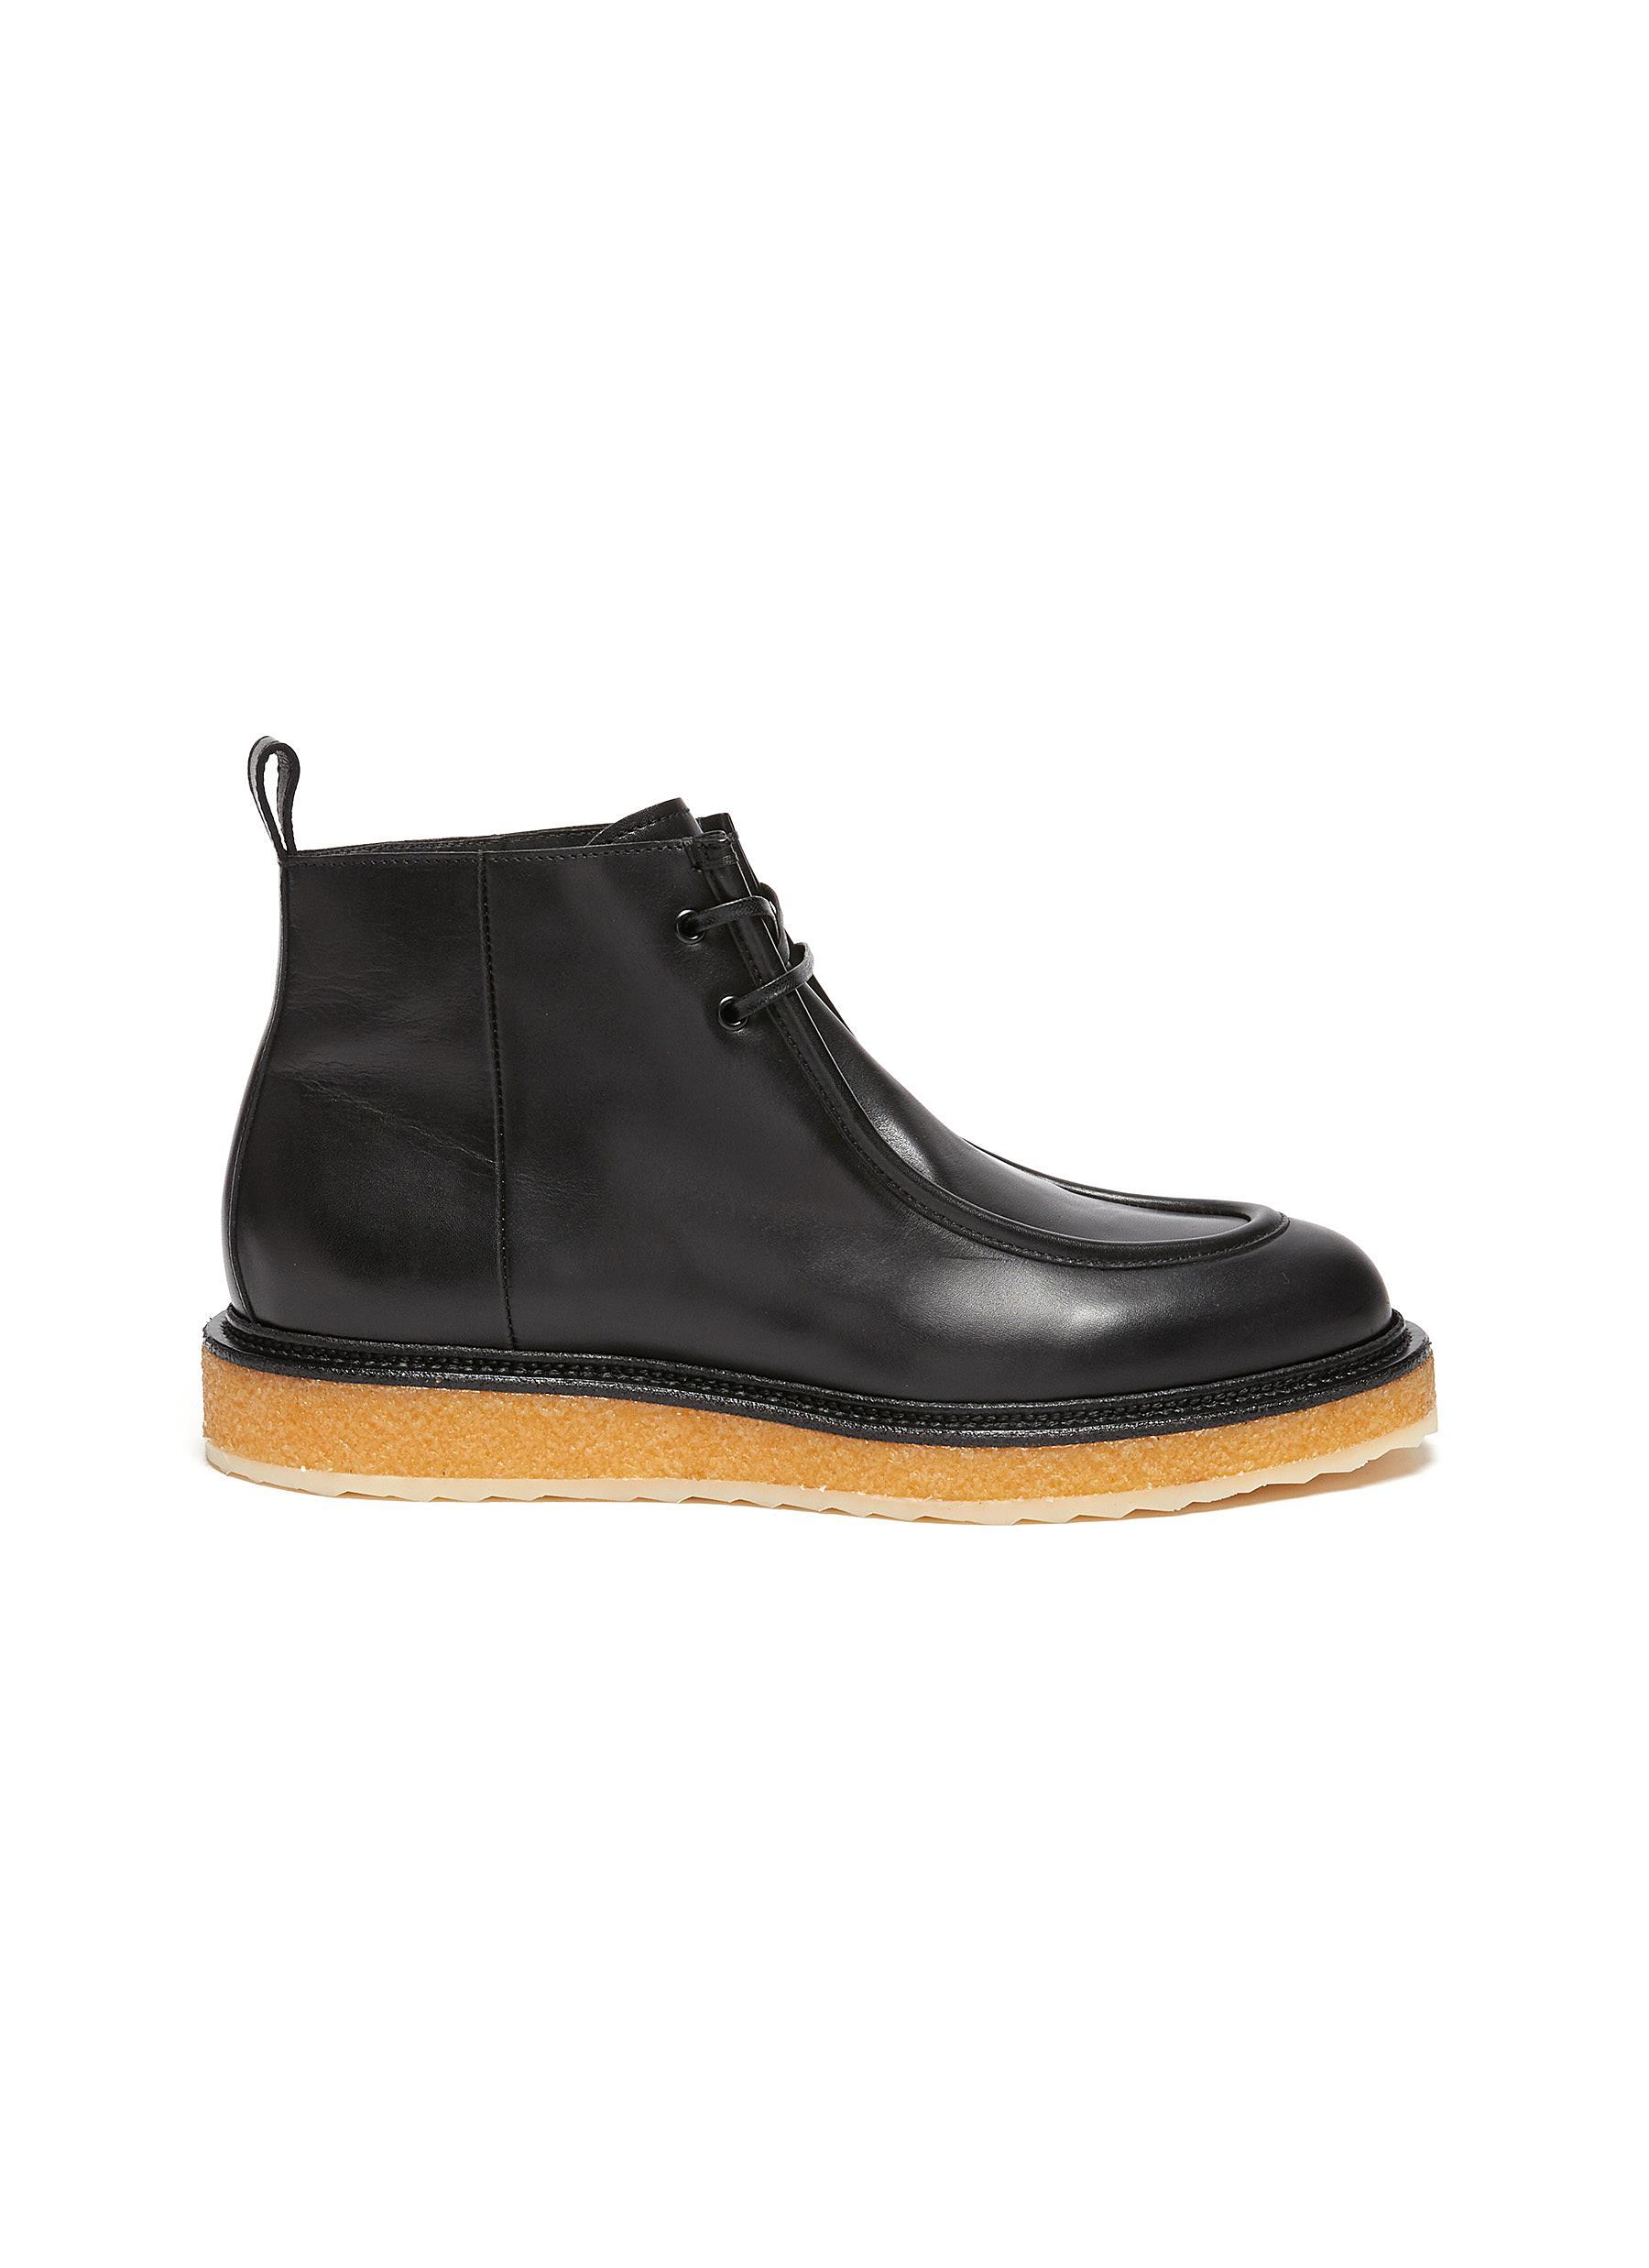 Wallabee Crepe Sole Ankle Boots - PIERRE HARDY - Modalova